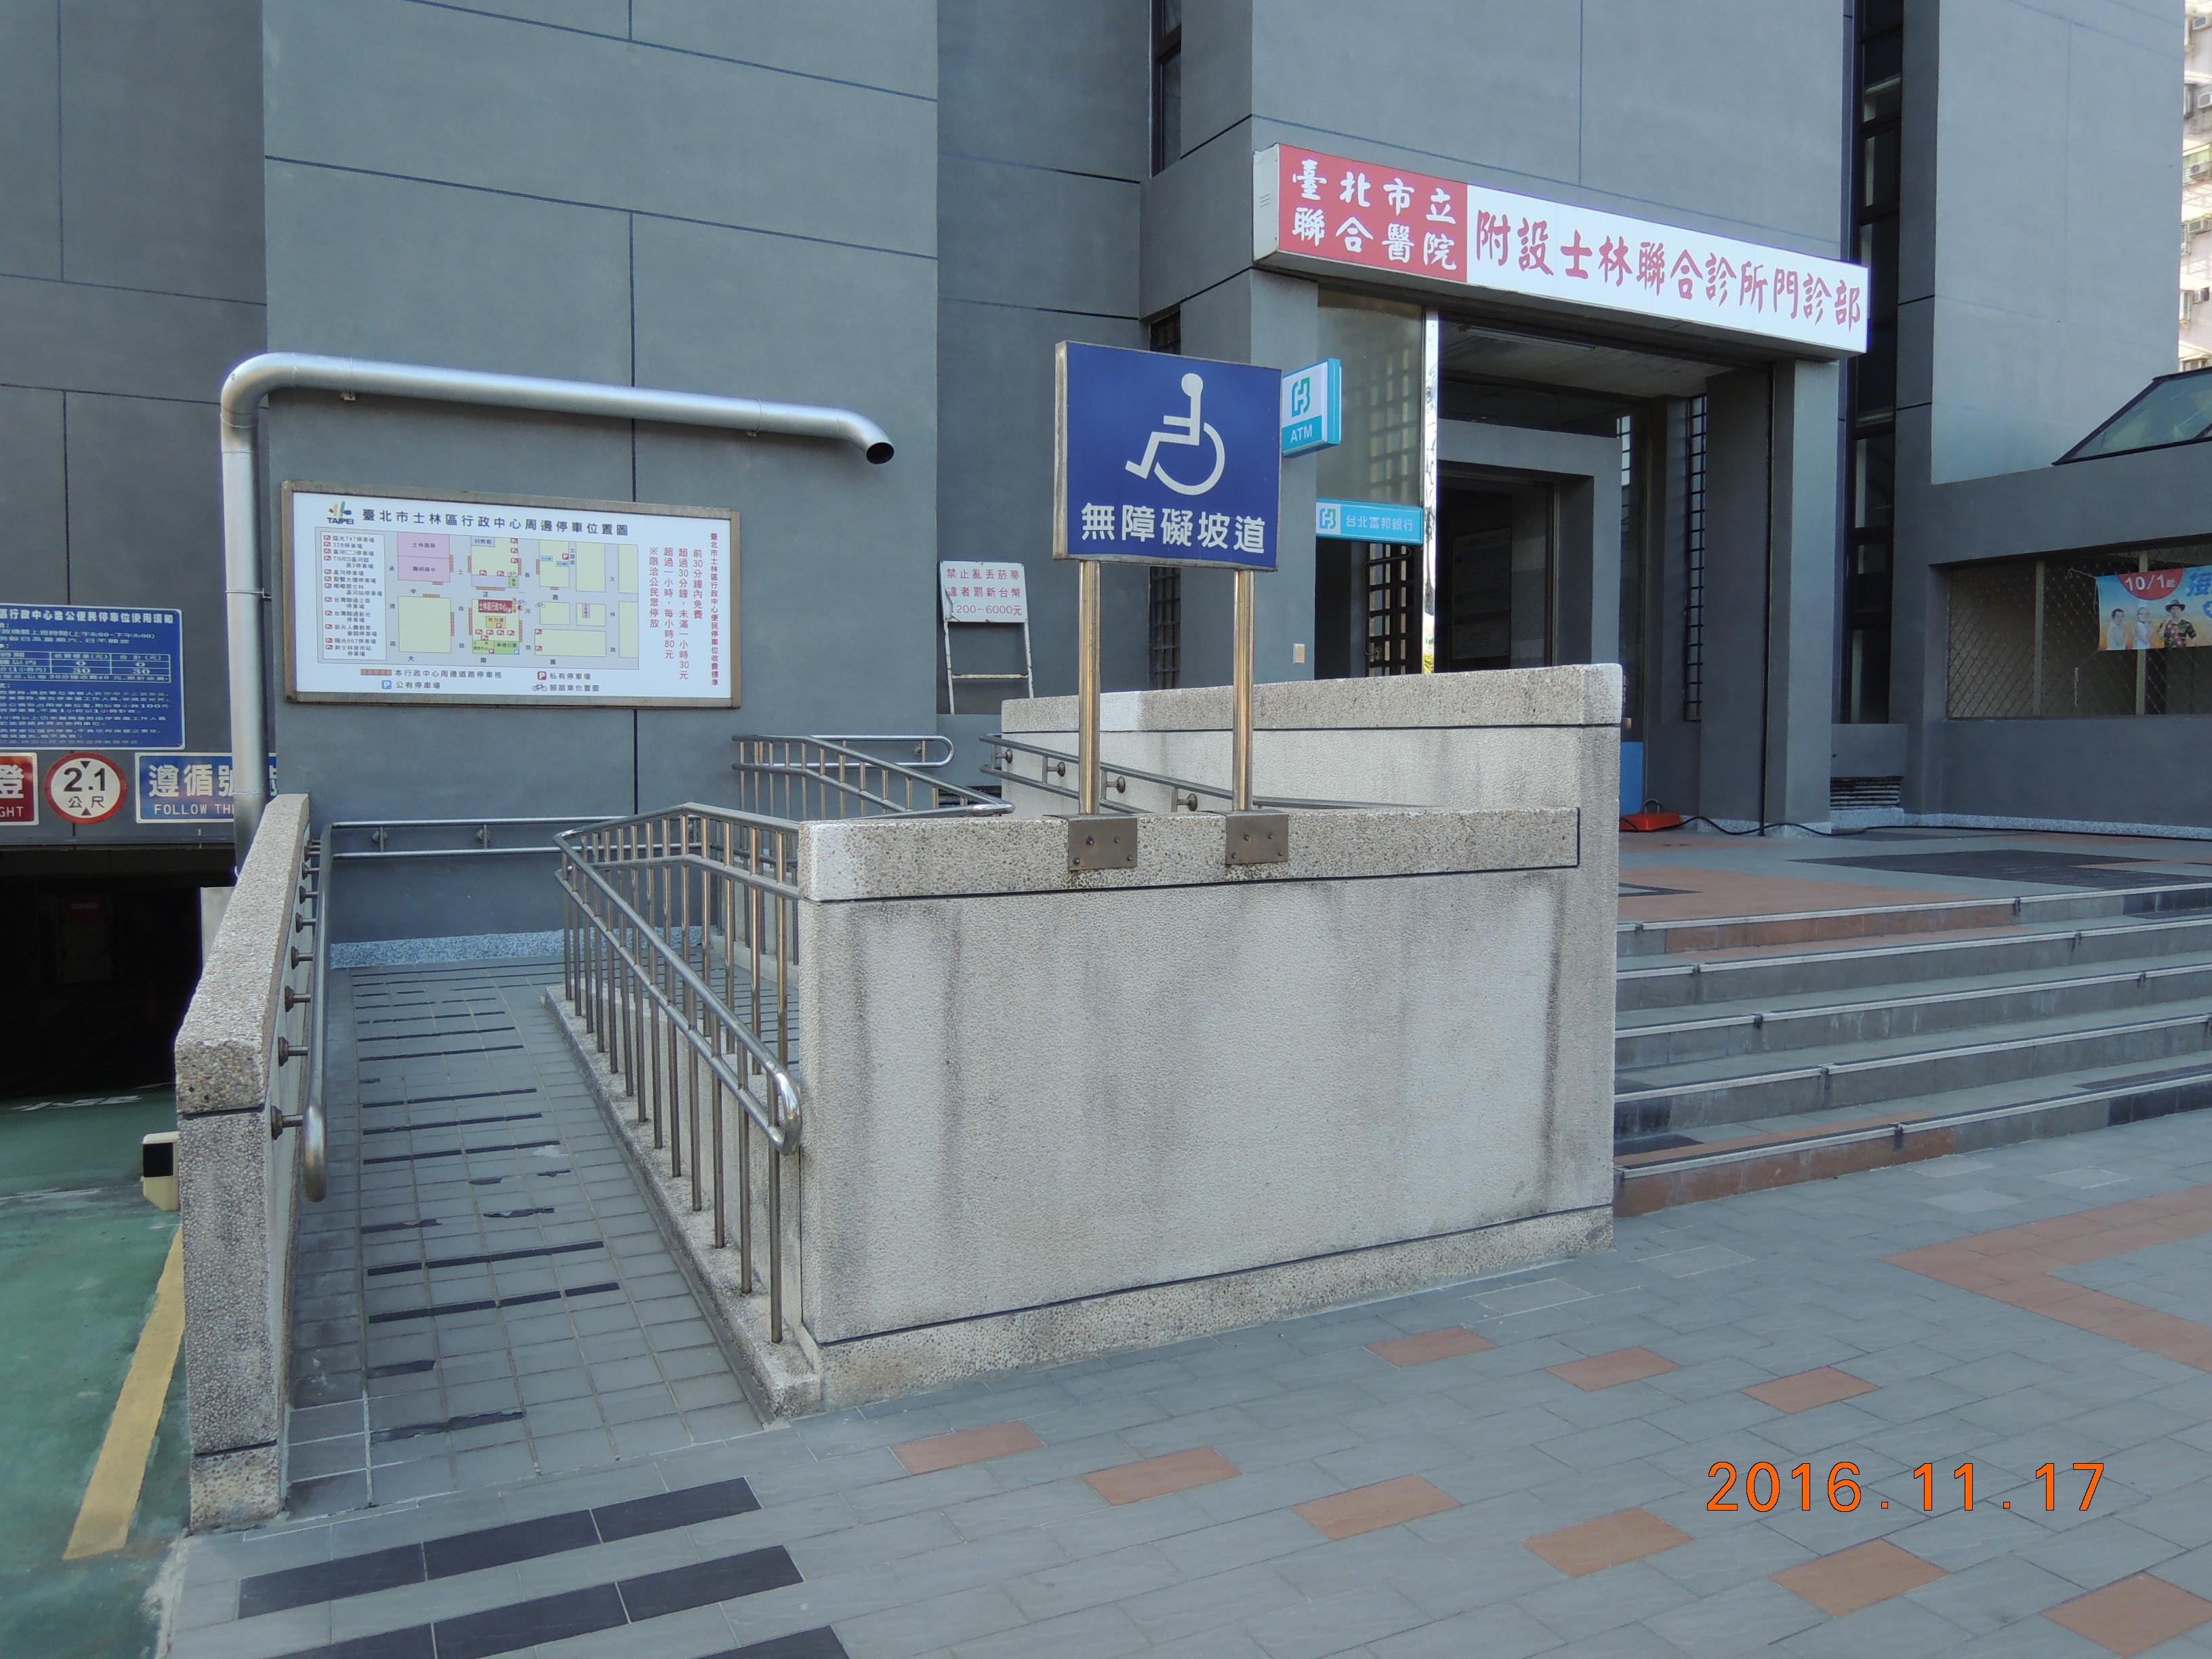 臺北市士林區行政中心「側門」無障礙坡道